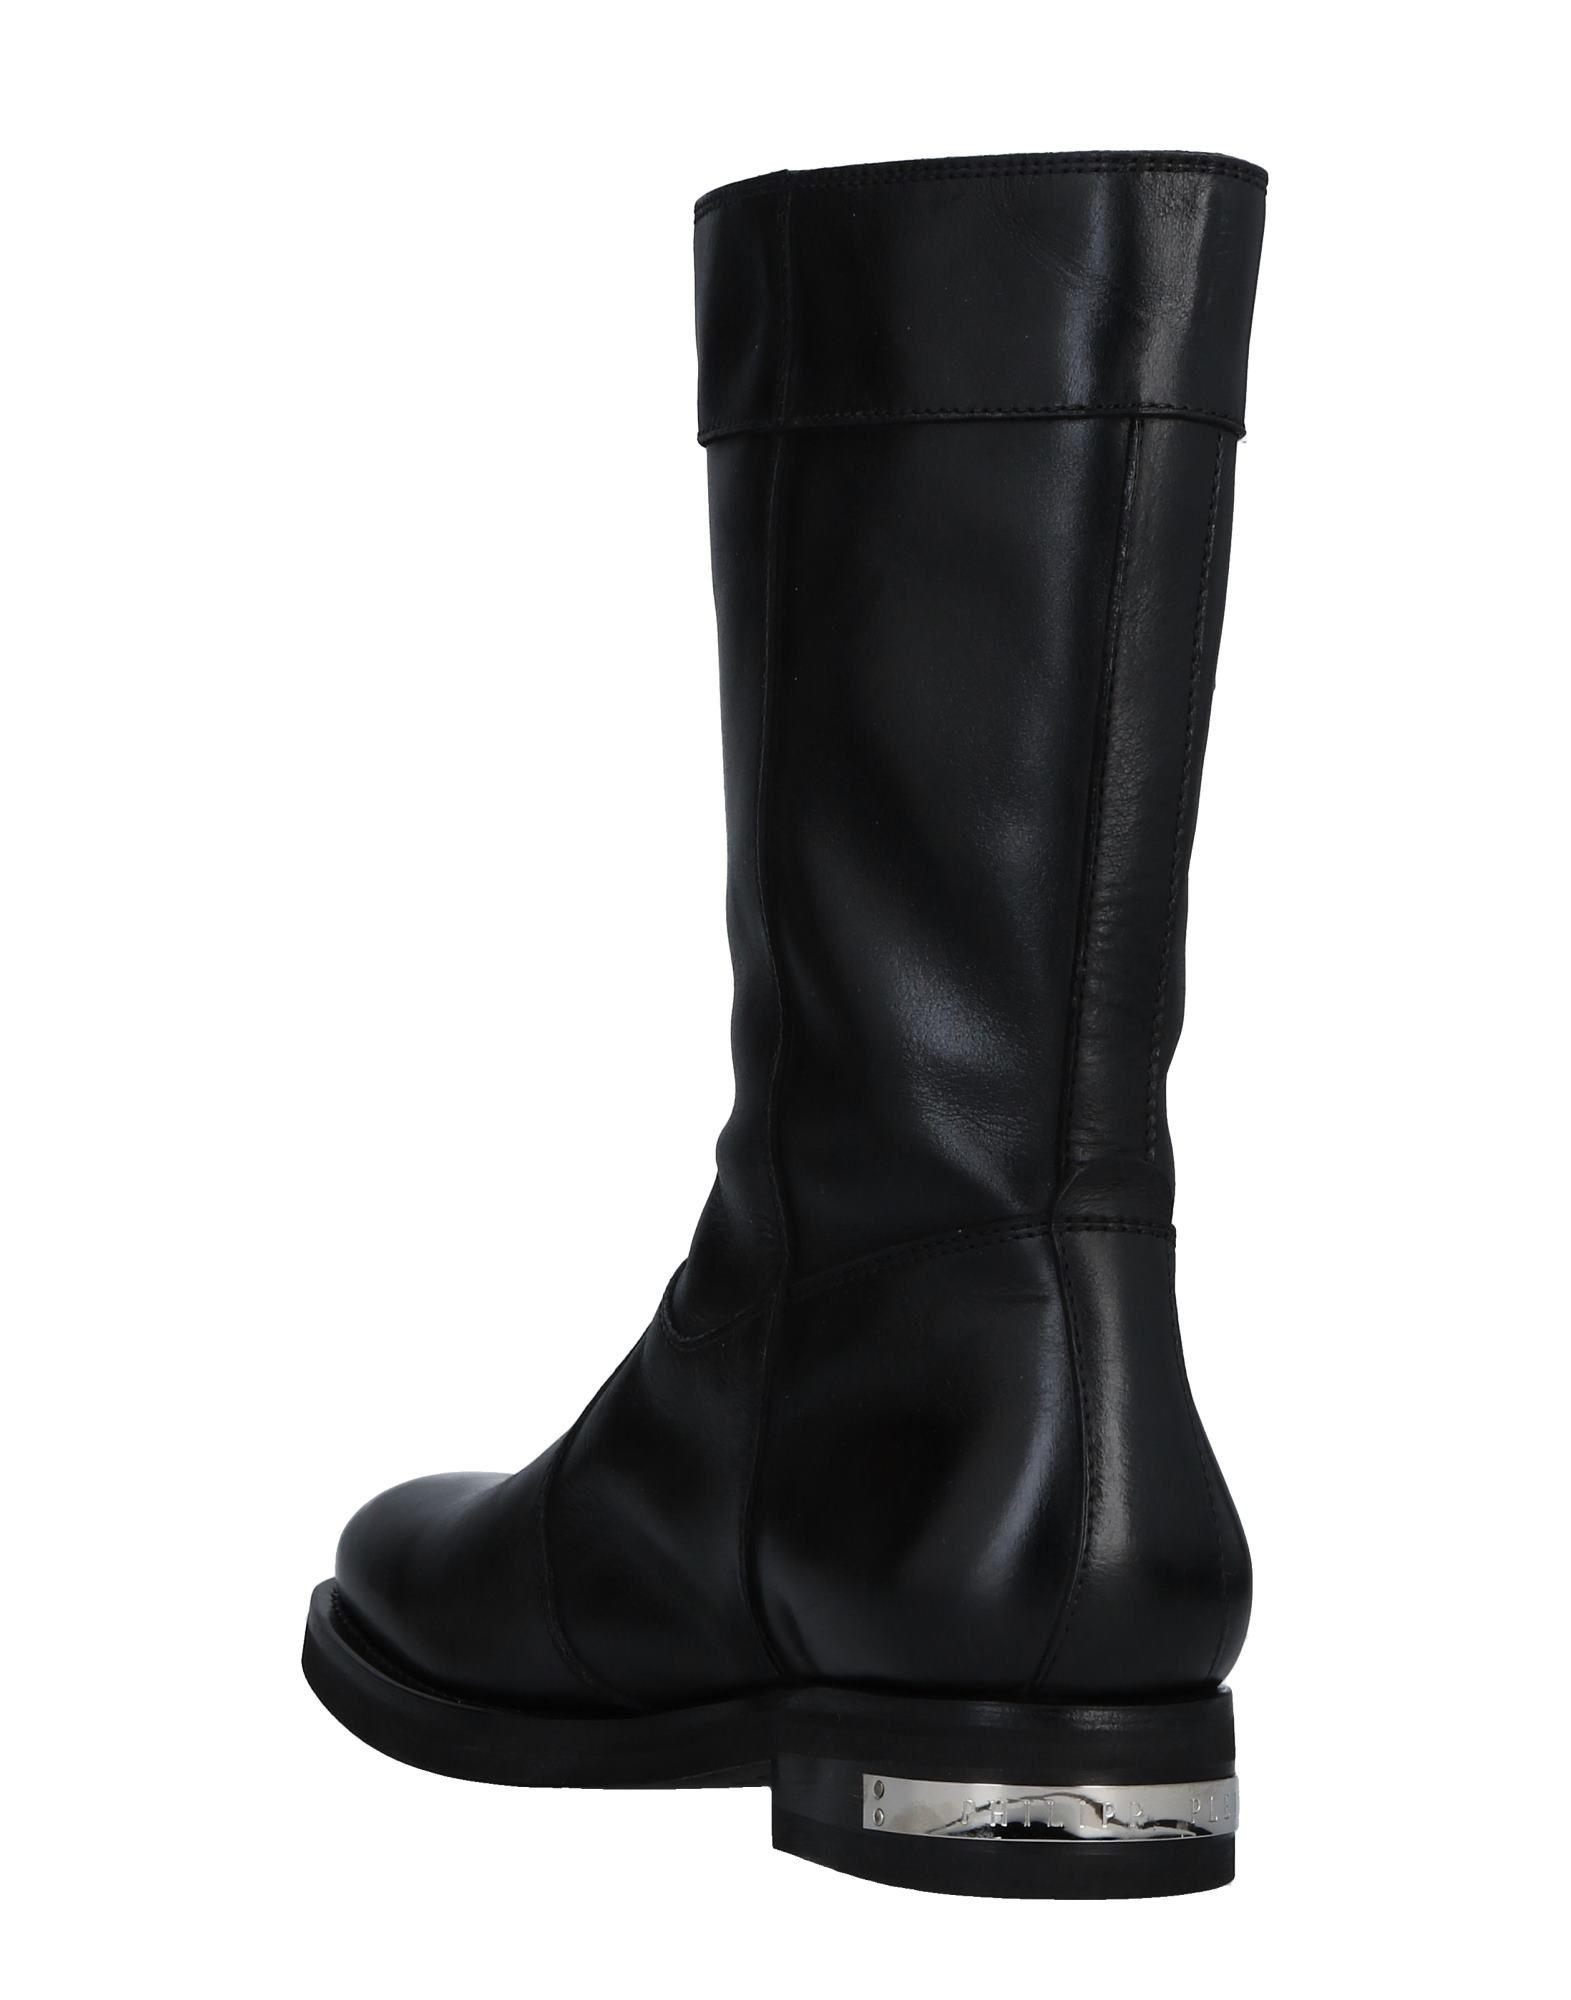 Philipp 11511419TQ Plein Stiefelette Herren  11511419TQ Philipp Gute Qualität beliebte Schuhe febab3